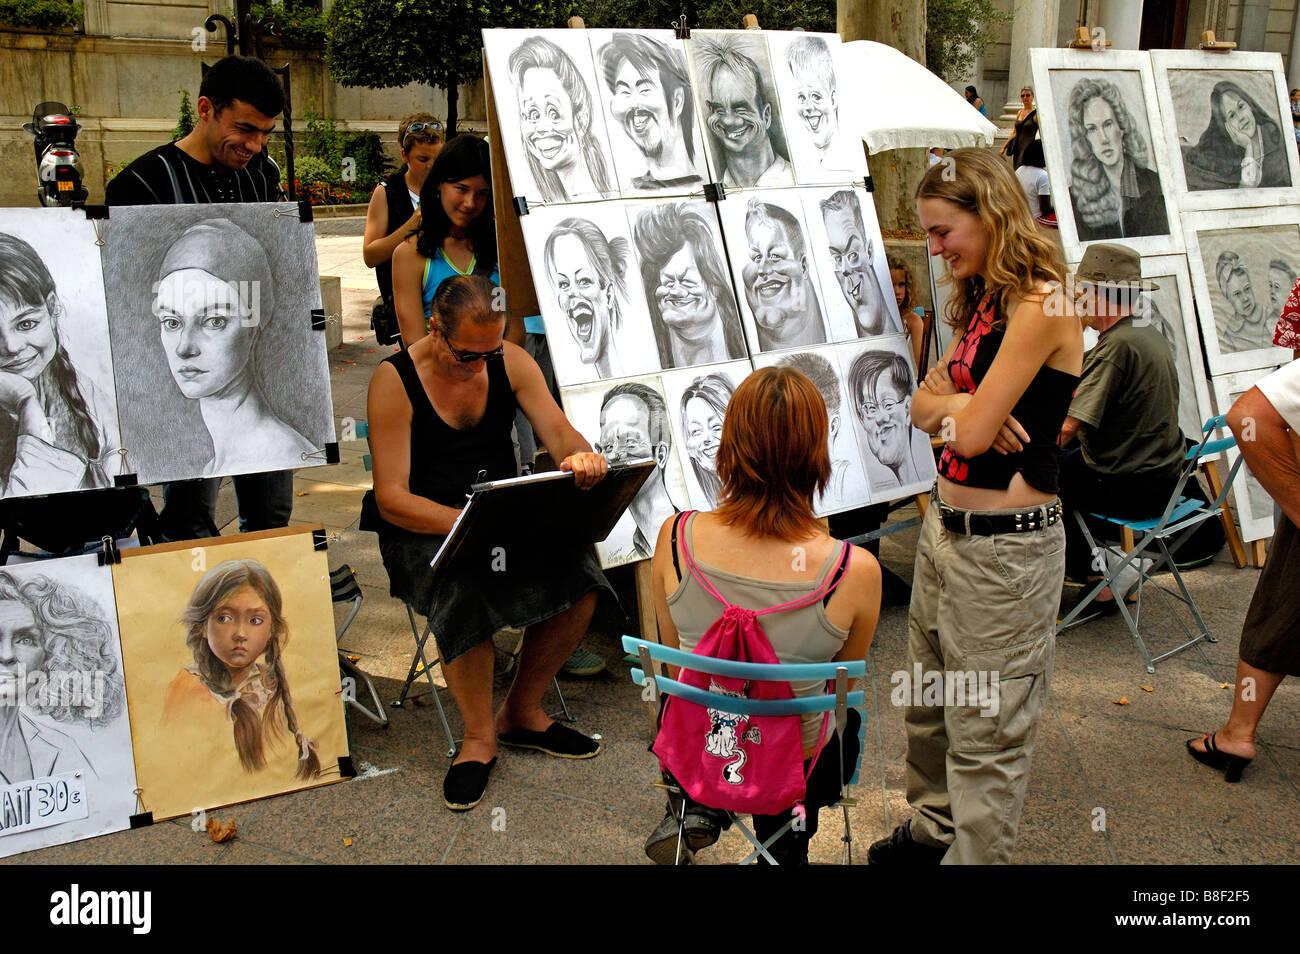 Street artist at work , Avignon, Provence, France. - Stock Image